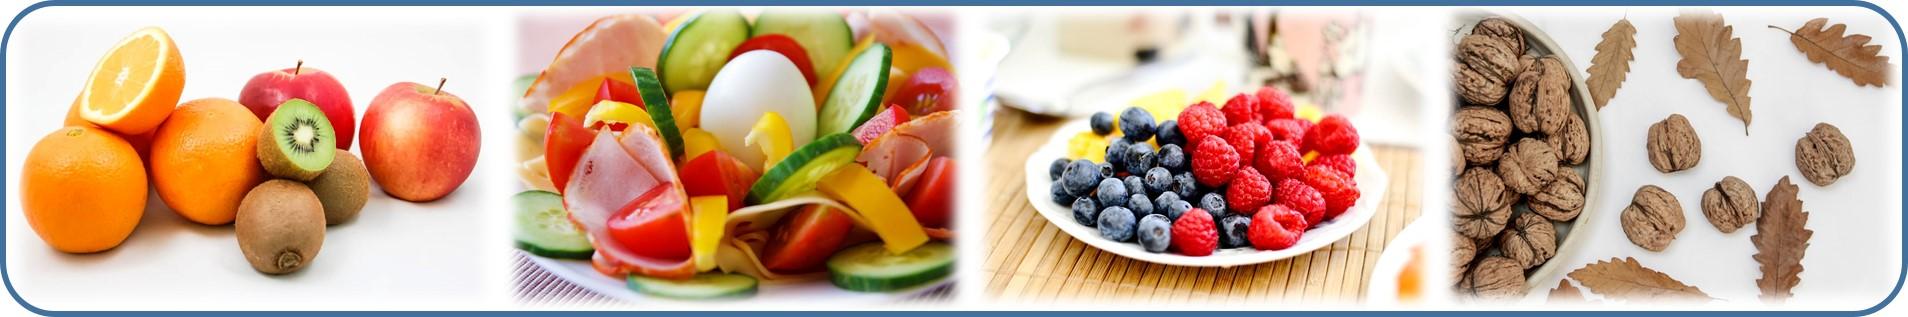 ¿Influye la alimentación en el envejecimiento?